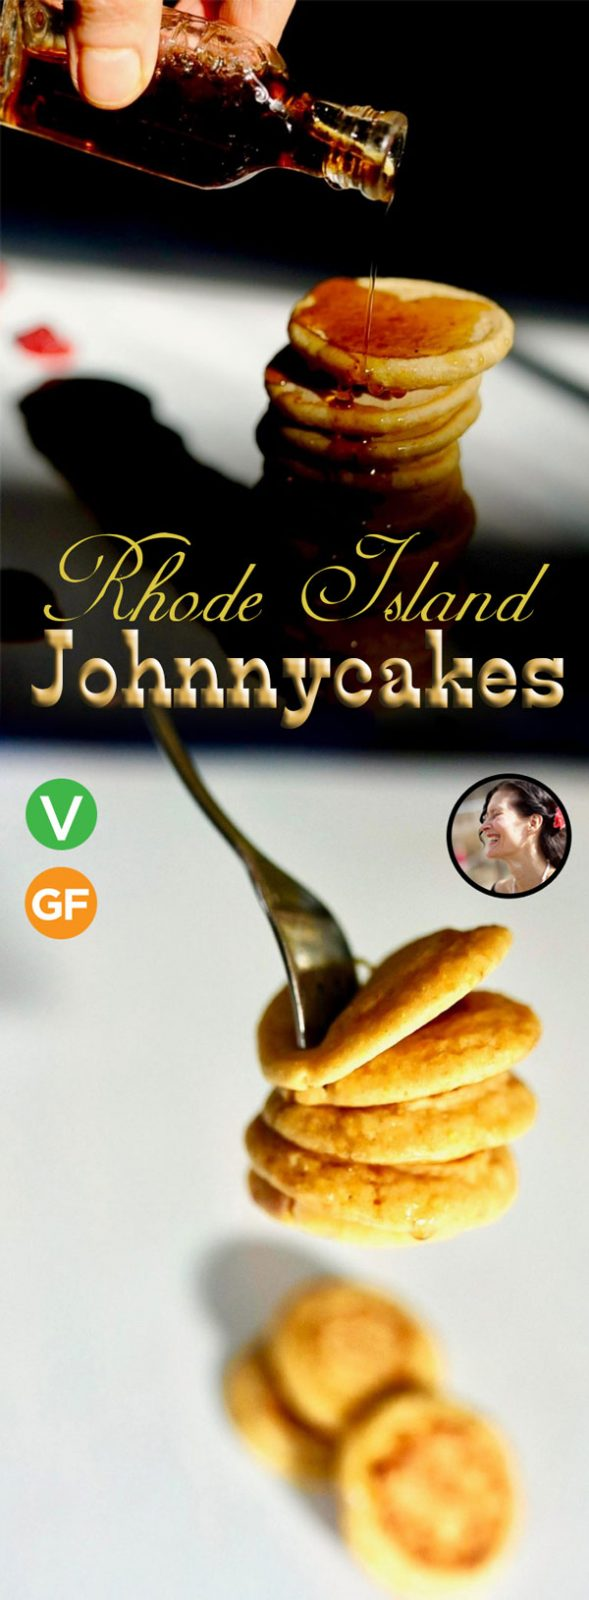 Rhode Island Johnnycakes (Vegan, Gluten Free)